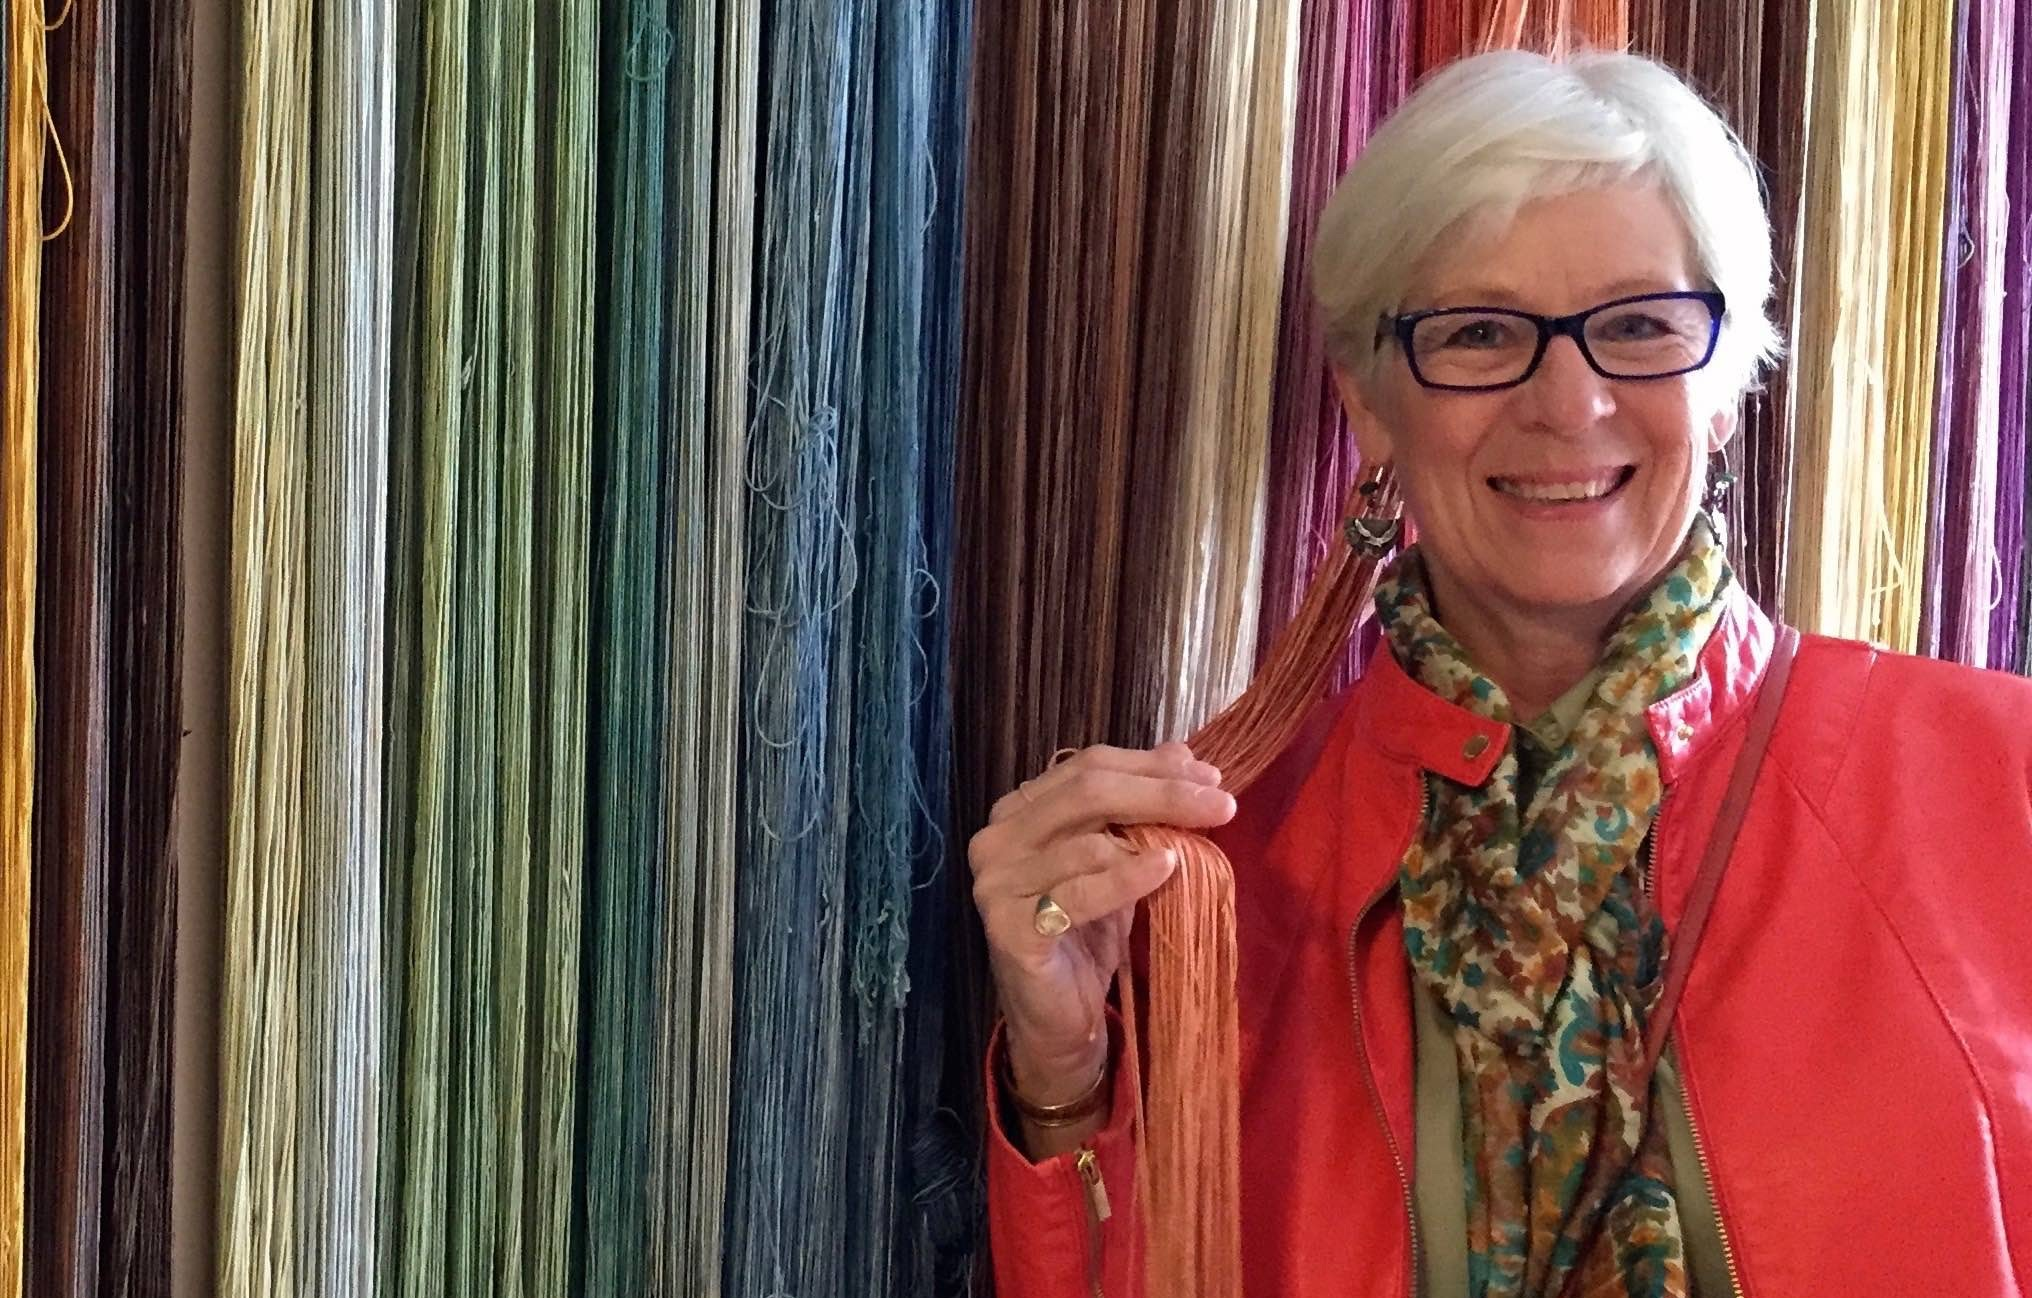 Ann+with+silk+threads+%281%29.jpg